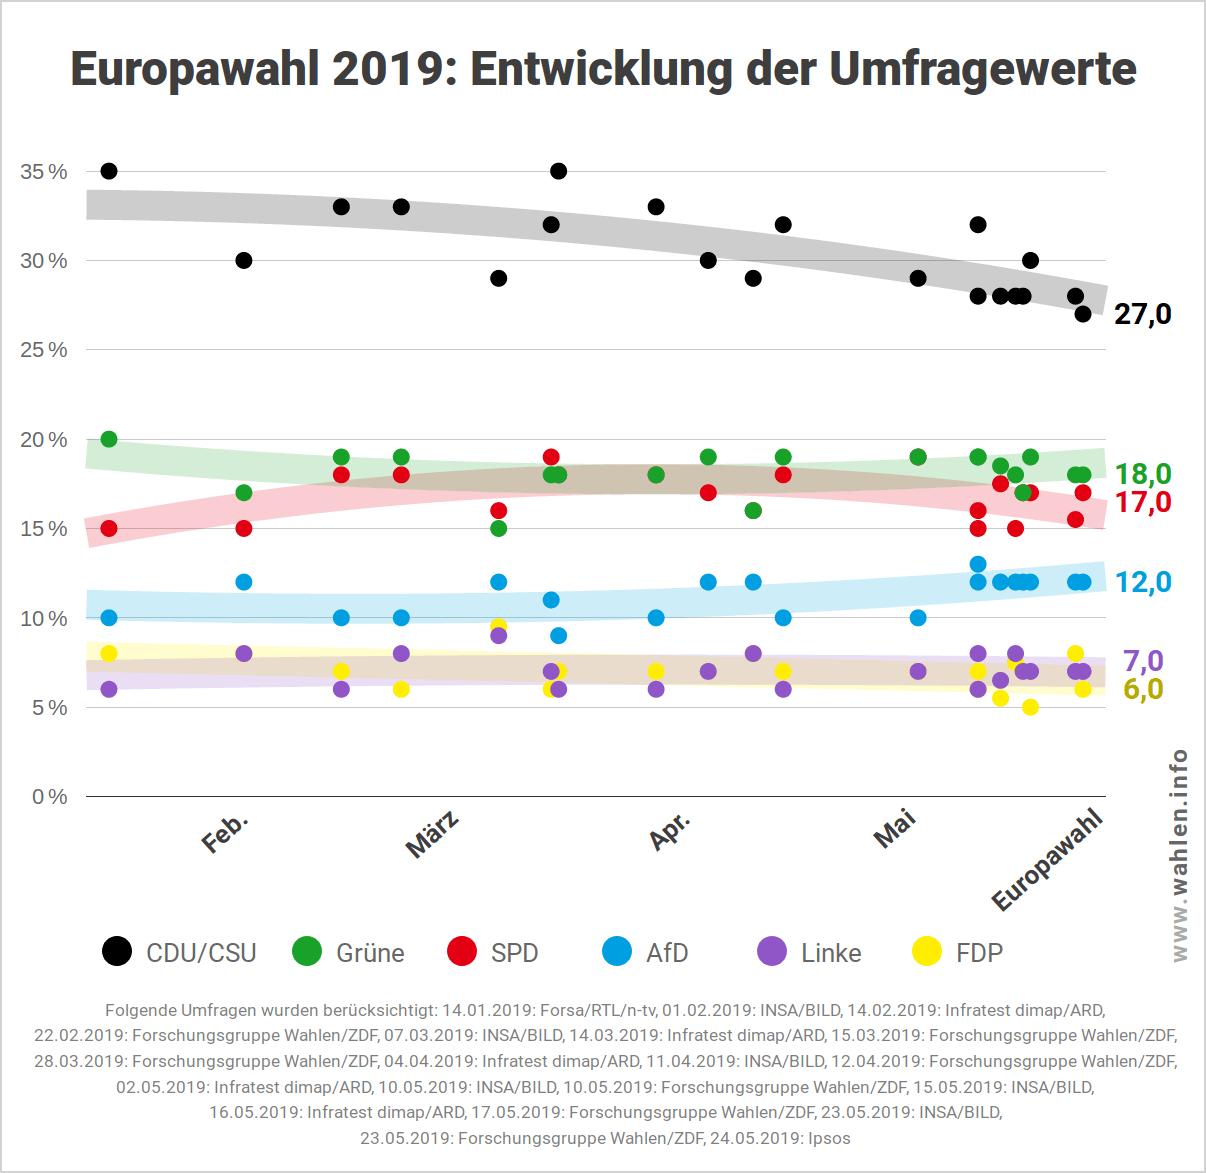 Entwicklung der Umfragewerte vor der Europawahl